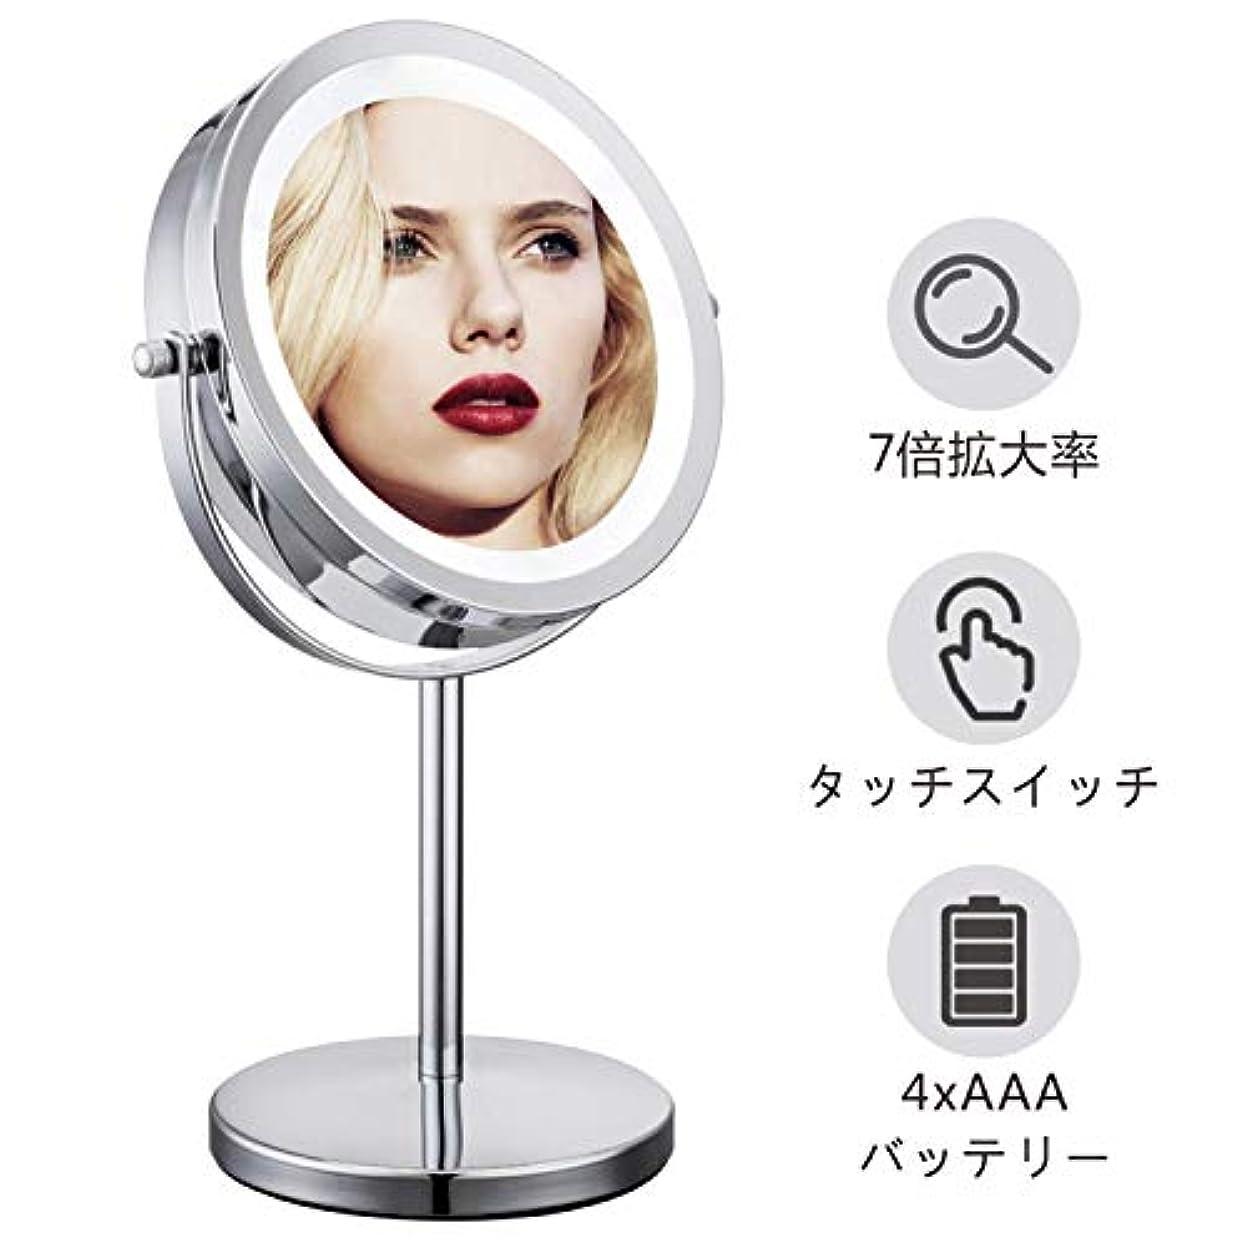 不信乳剤マティスMinracler 化粧鏡 7倍拡大 卓上 化粧ミラー led両面鏡 明るさ調節可能 360度回転 (鏡面155mmΦ) 電池給電